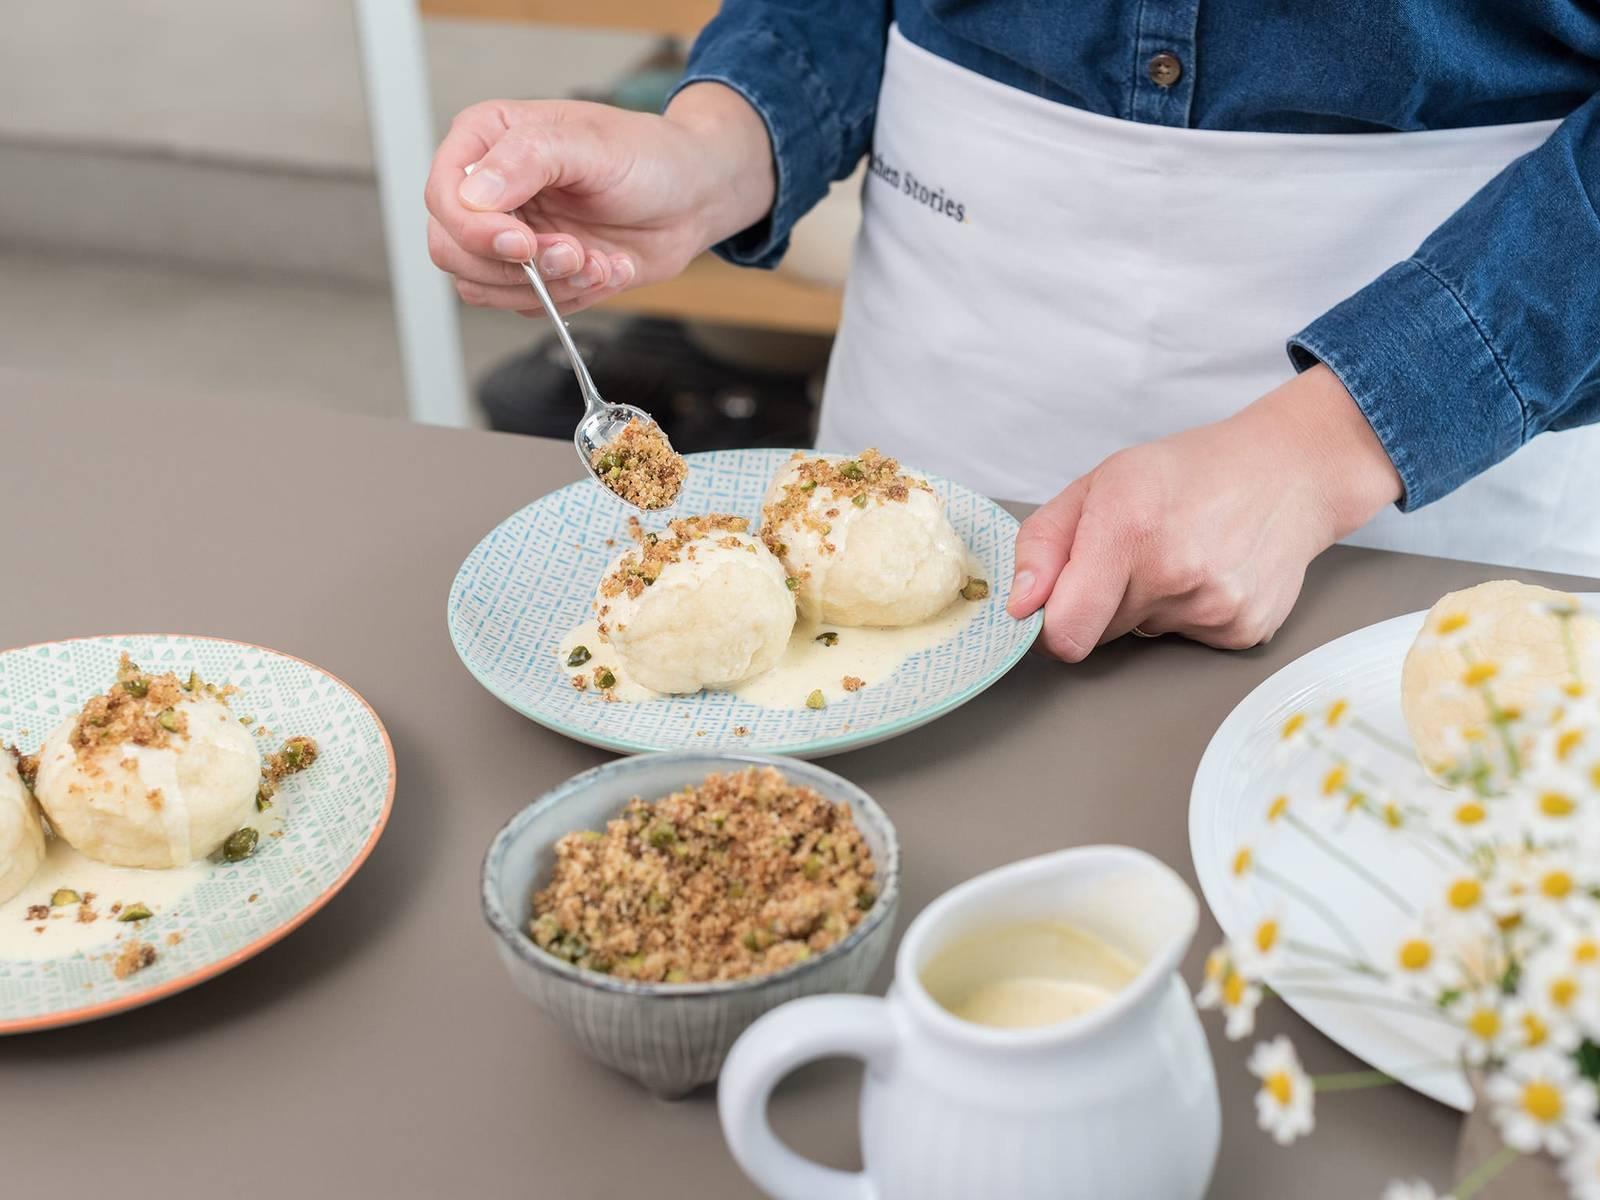 制作面包屑:在煎锅中将黄油加热至起泡。放入面包屑、糖和剁碎的开心果,搅拌至呈金棕色。佐以面包屑和香草酱享用杏子饺吧!